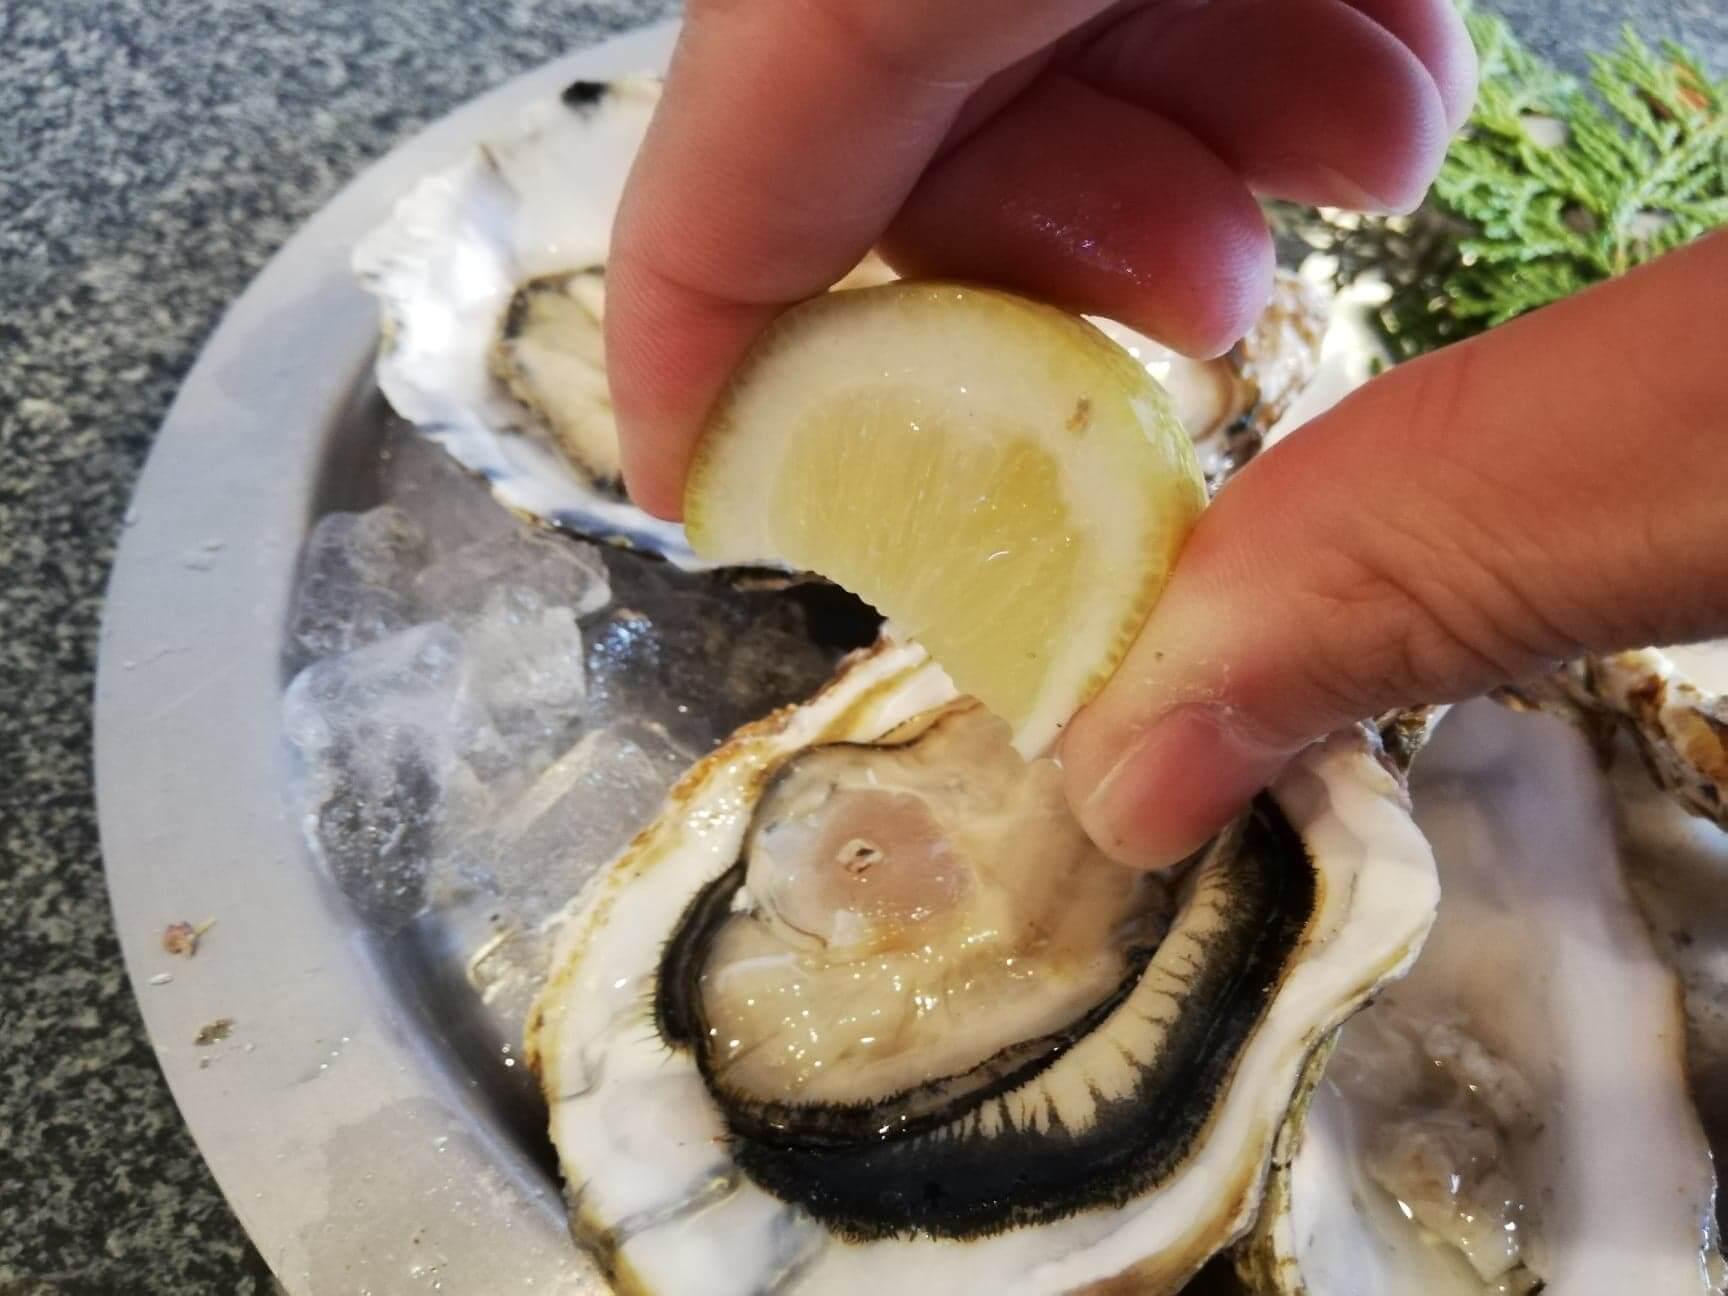 広島県宮島『牡蠣屋』の生牡蠣にレモンをかけている写真